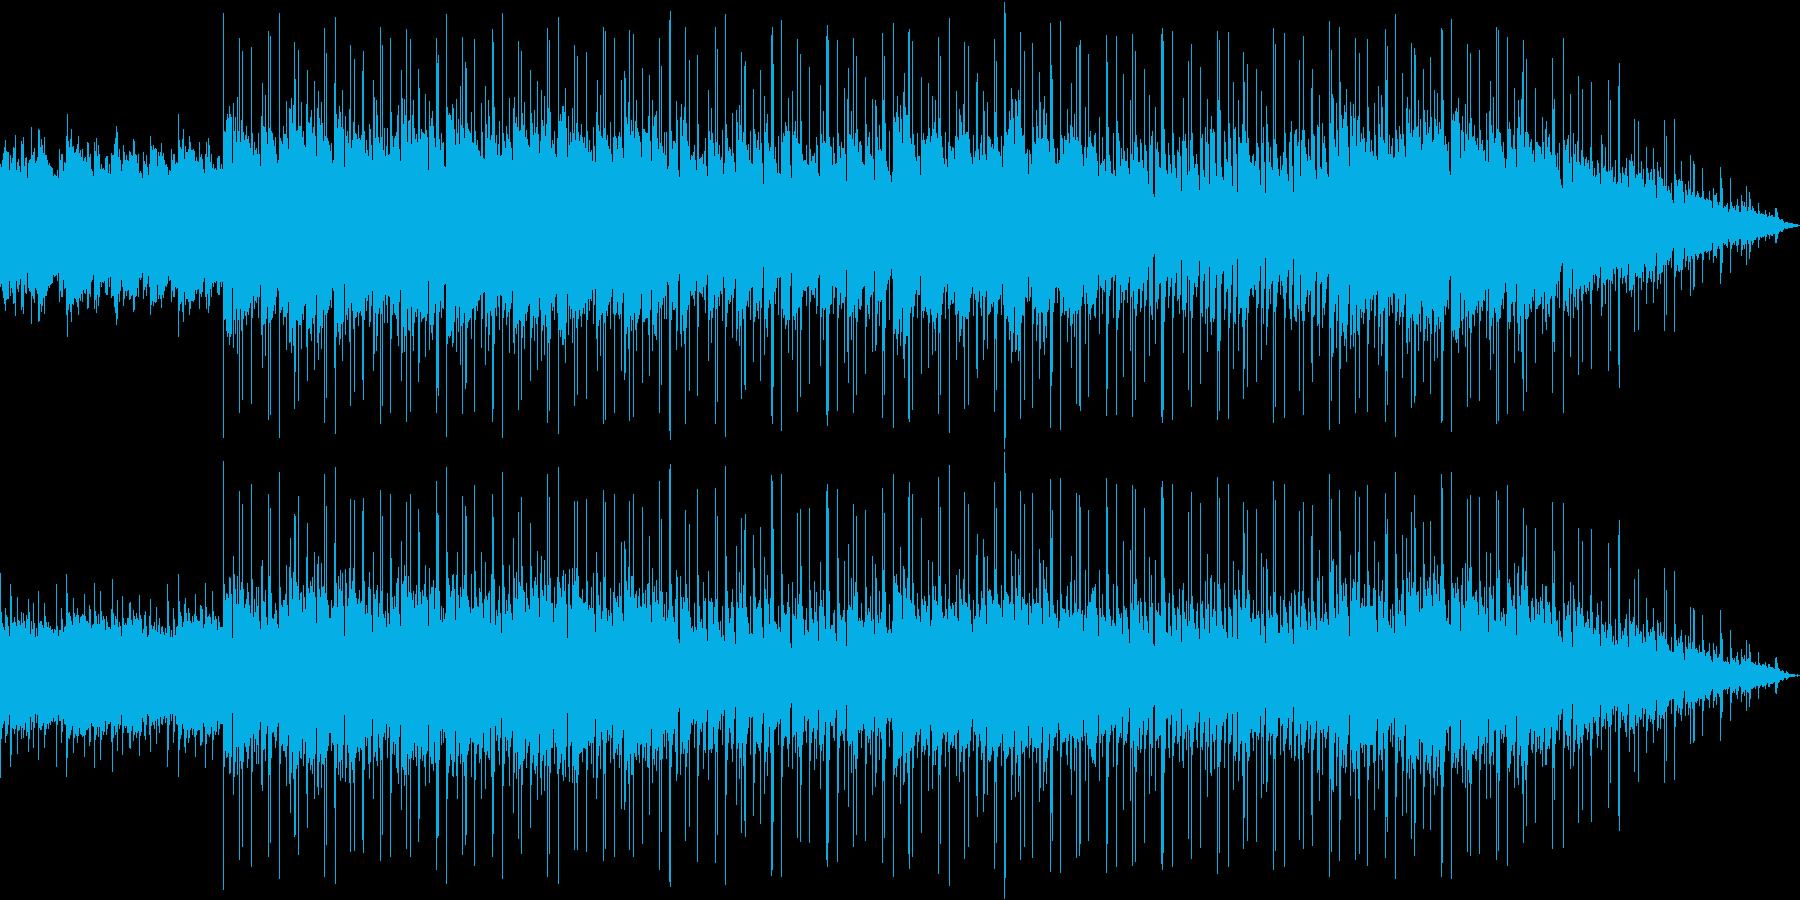 夏っぽさのある爽やかなエレクトロニカの再生済みの波形